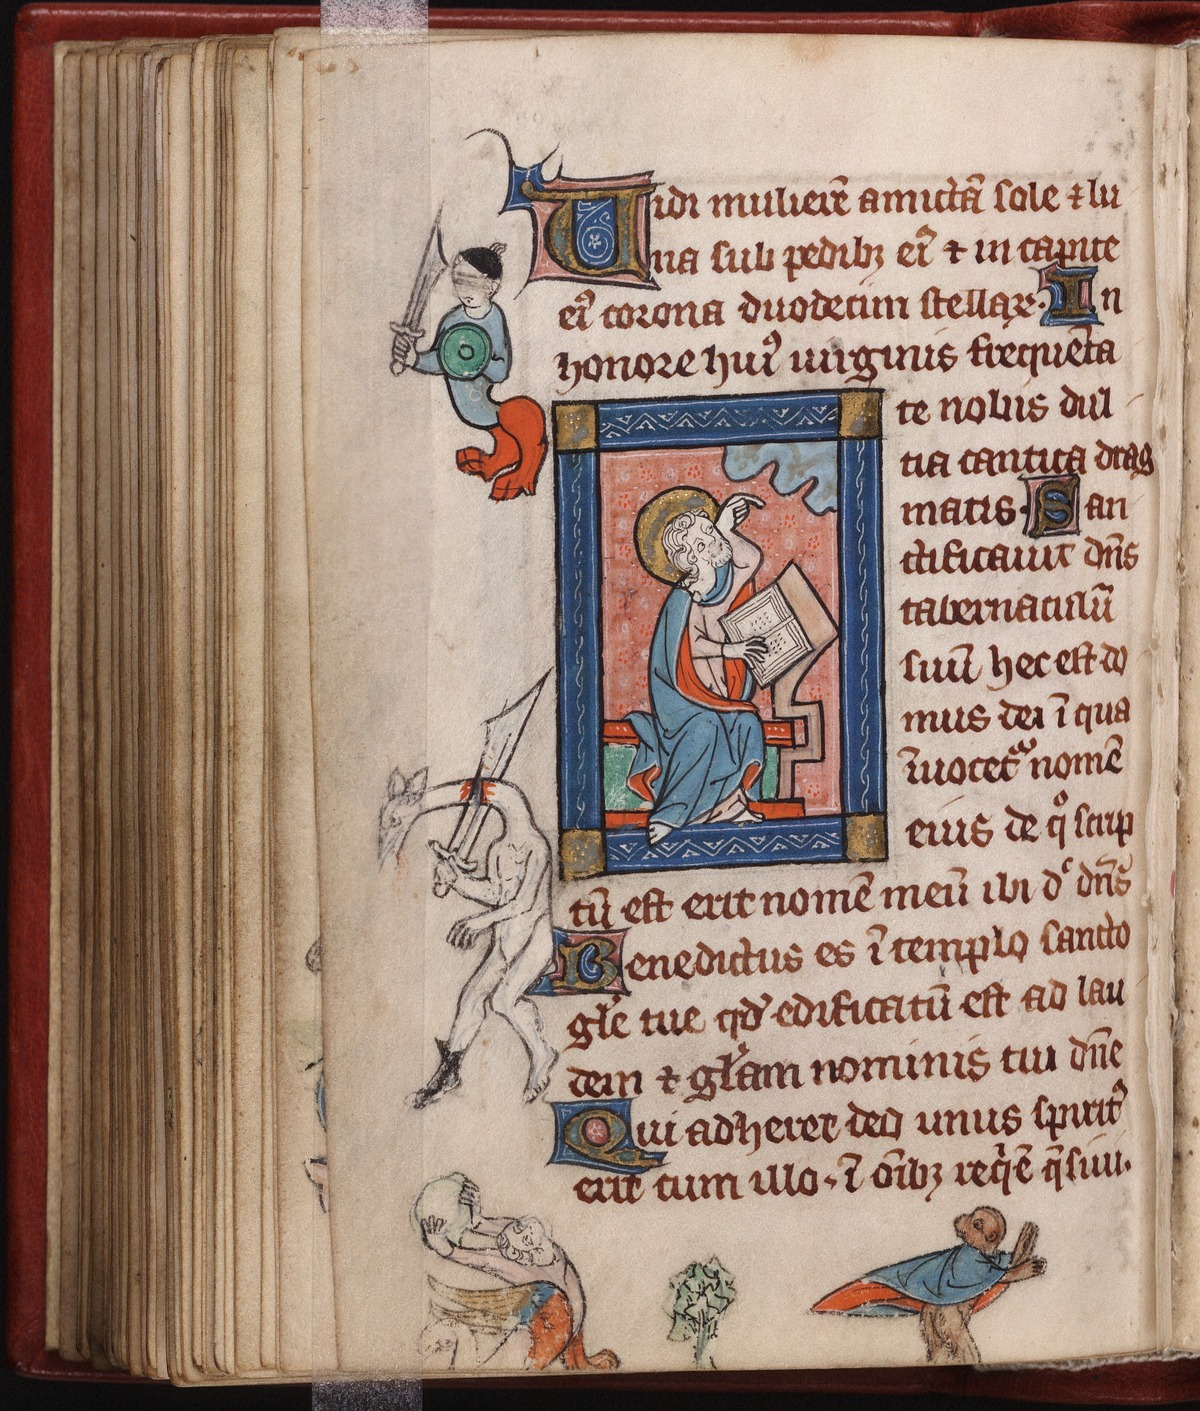 1290-1310 Rothschild Chronicles Beinecke MS 404 fol 63v